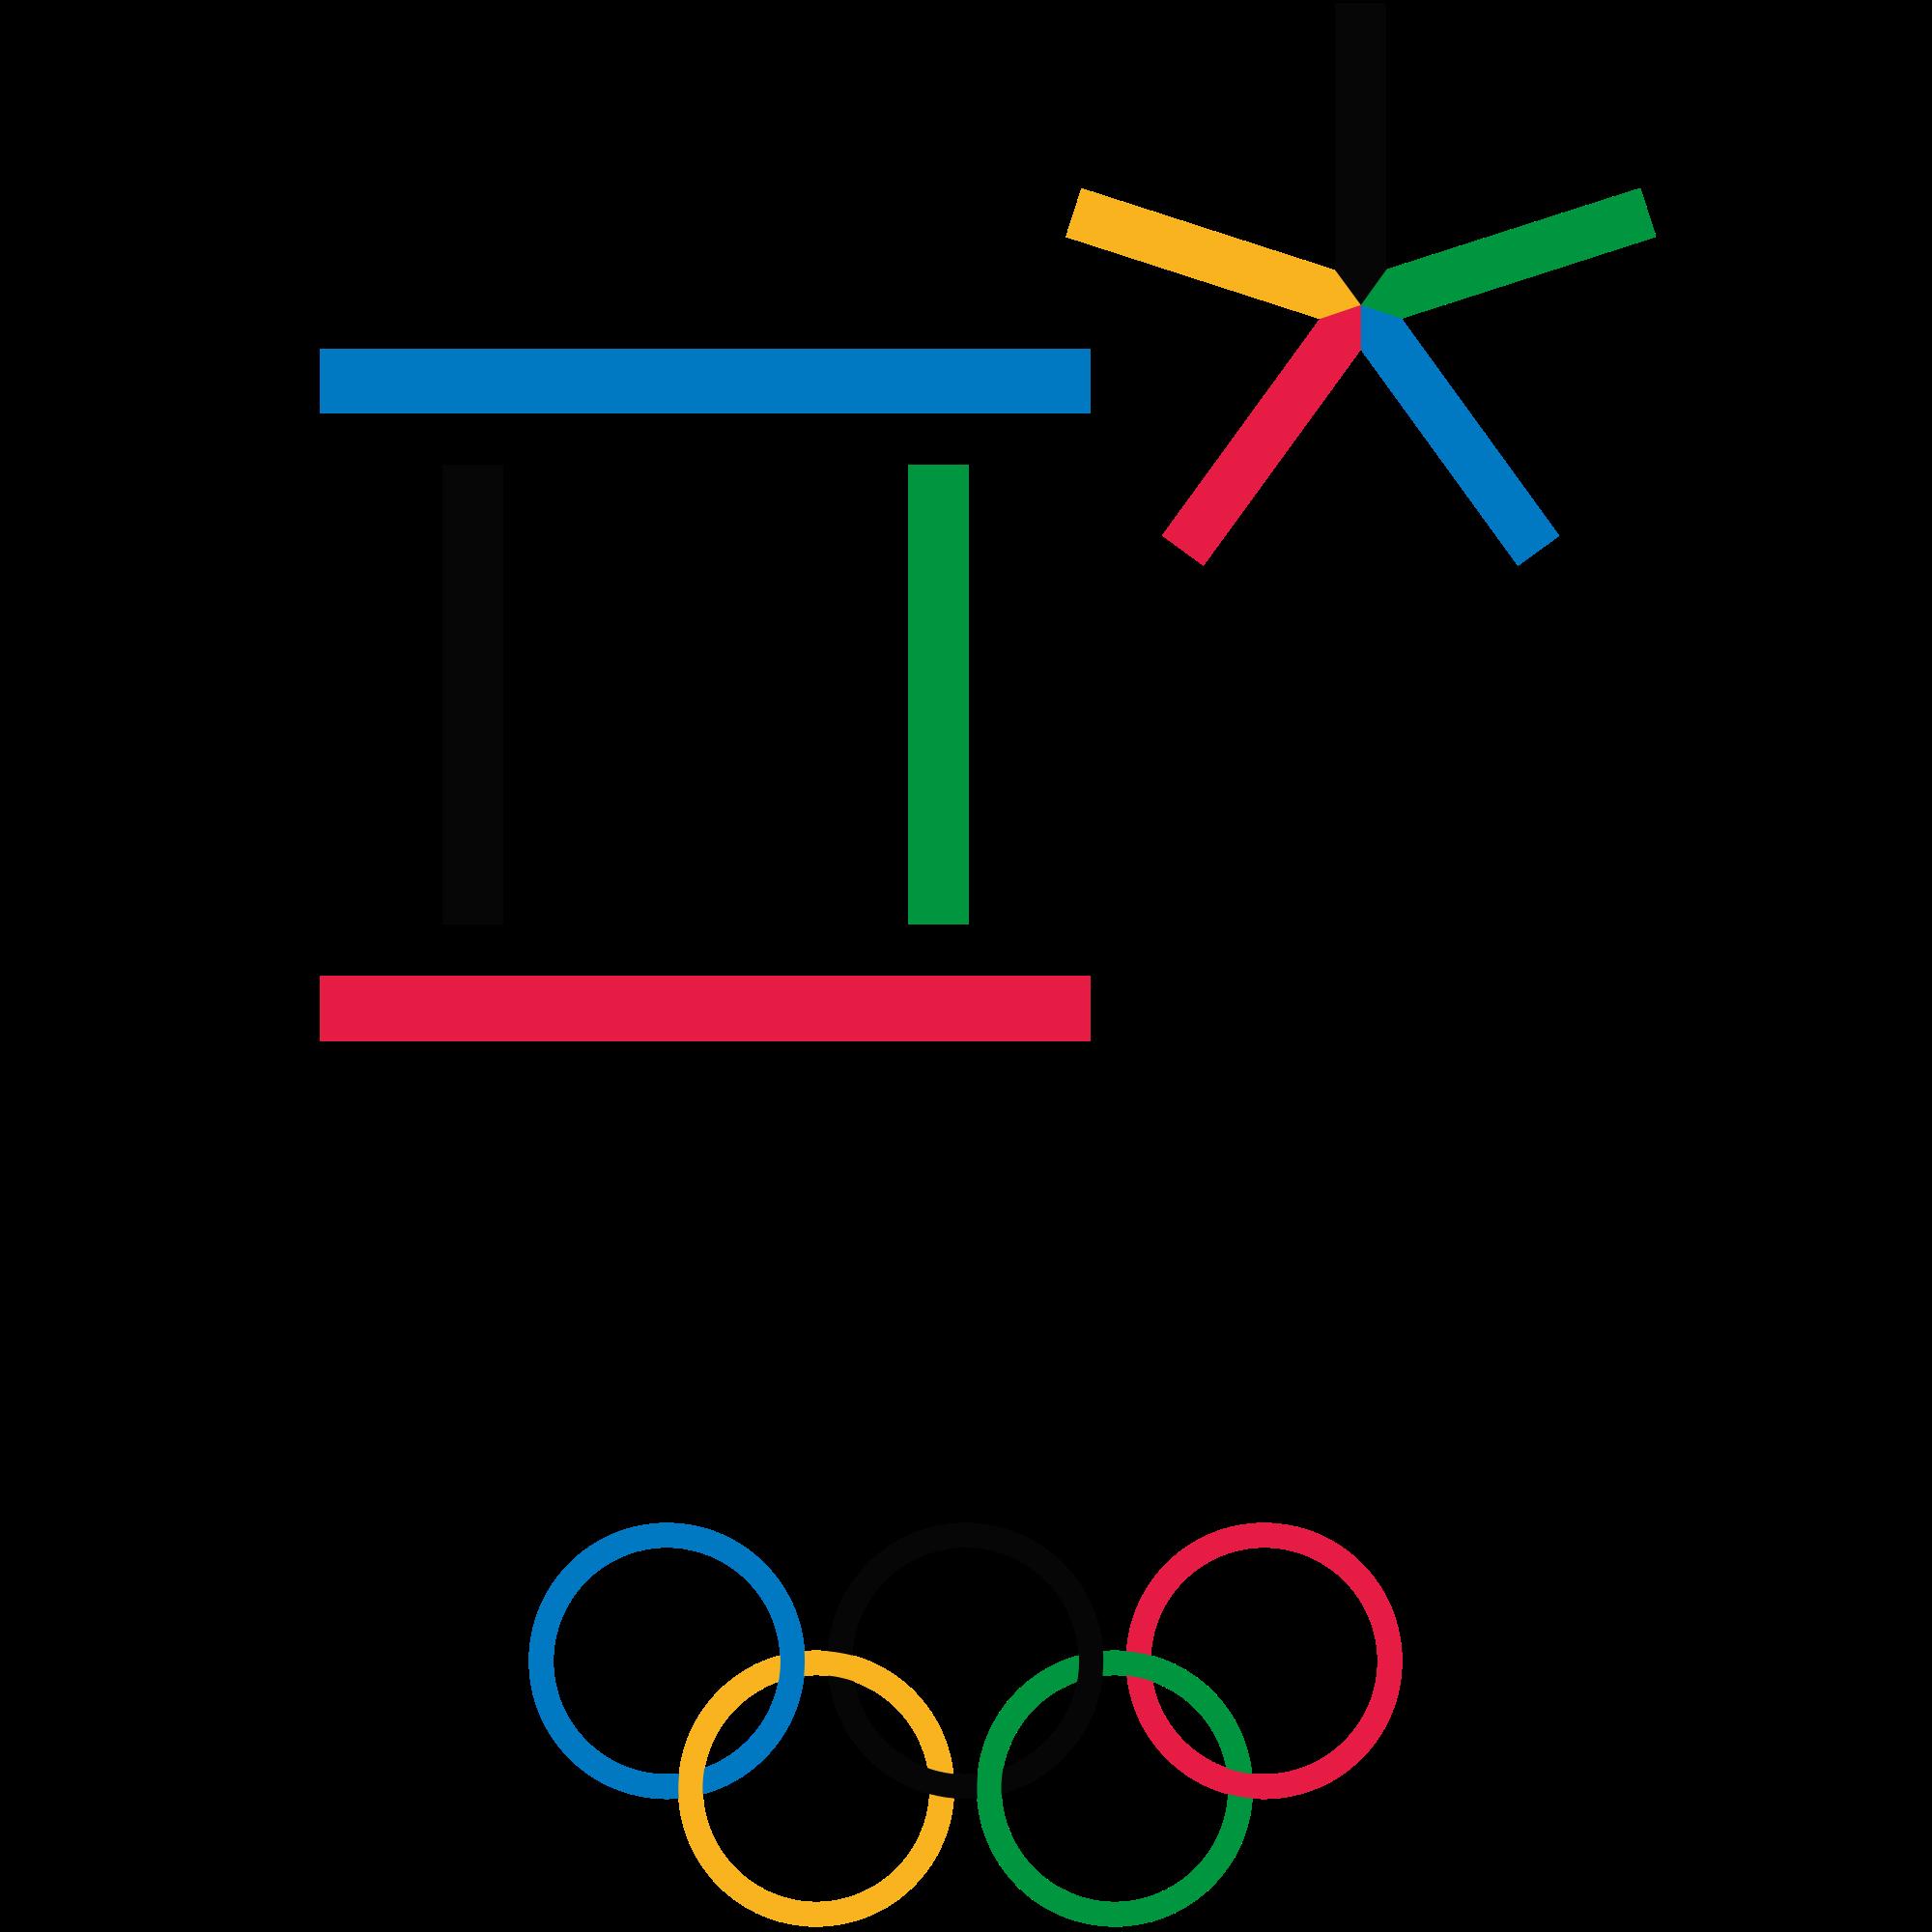 Seoul 2018